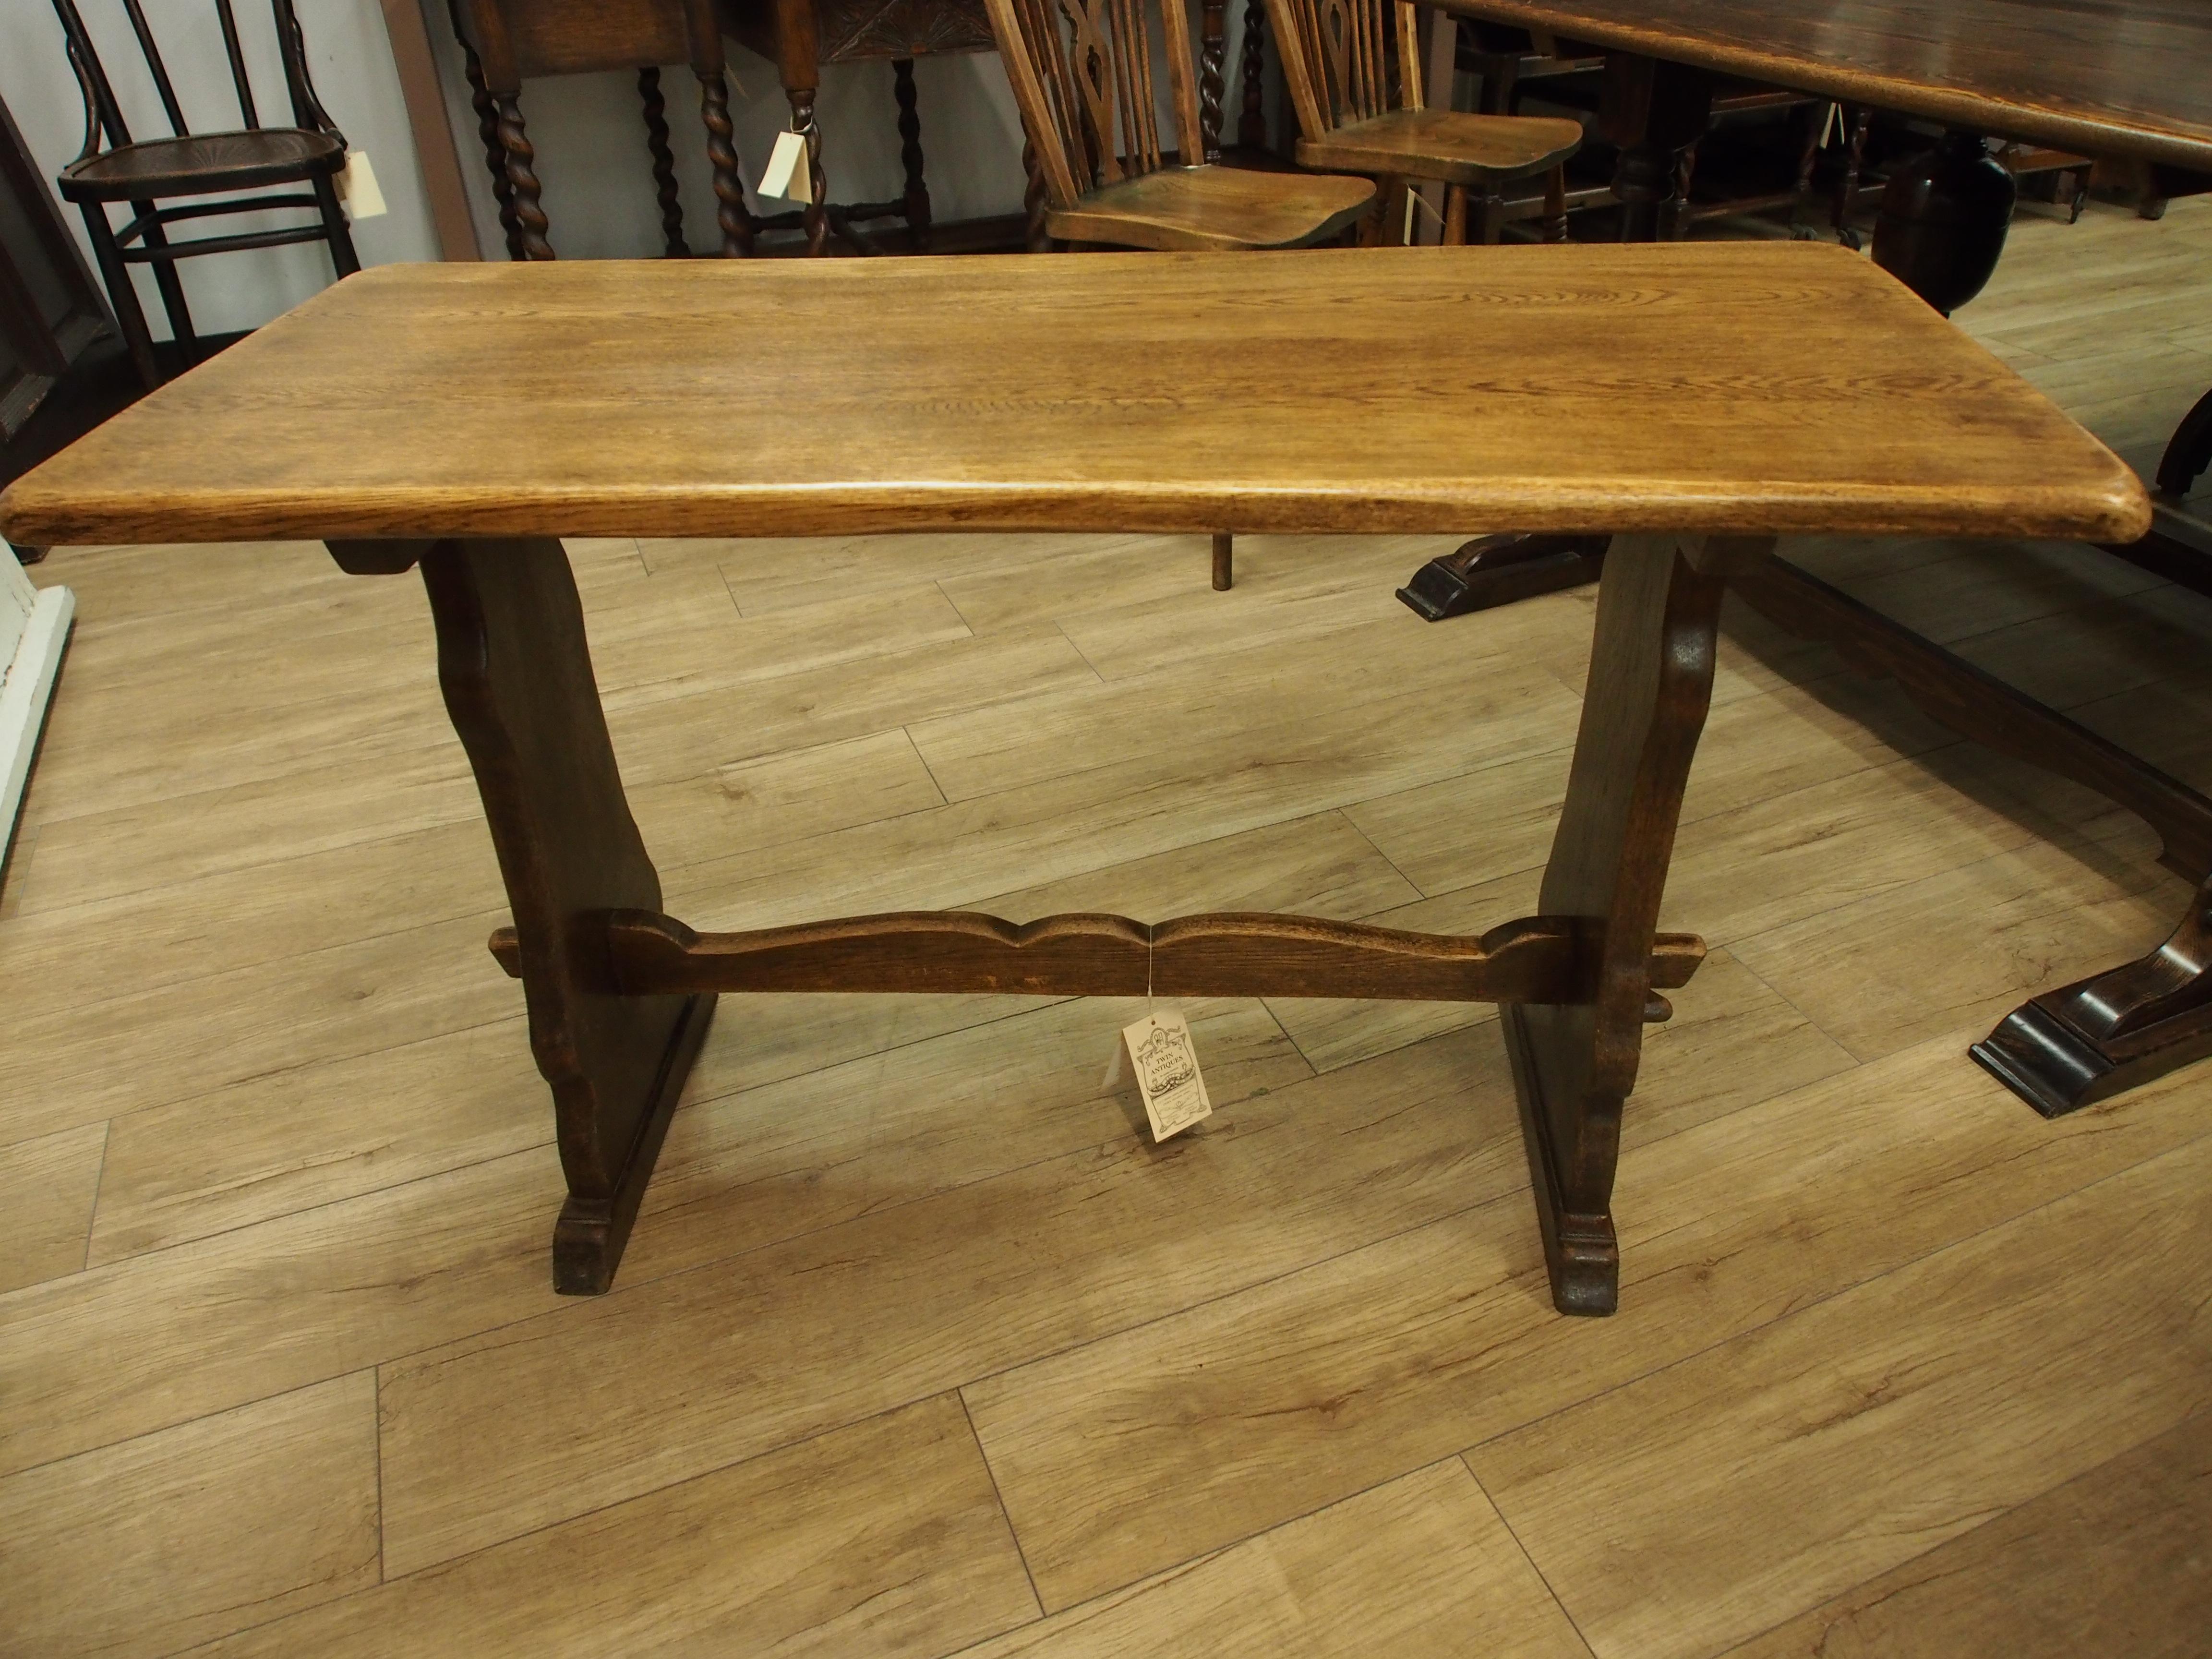 アンティーク家具 箕面 リフェクトリーテーブル ダイニングテーブル テーブル 二本脚 ソリッドオーク カントリー ヴィンテージ家具 ビンテージ家具 イギリスアンティーク イギリス 英国家具 イギリス家具